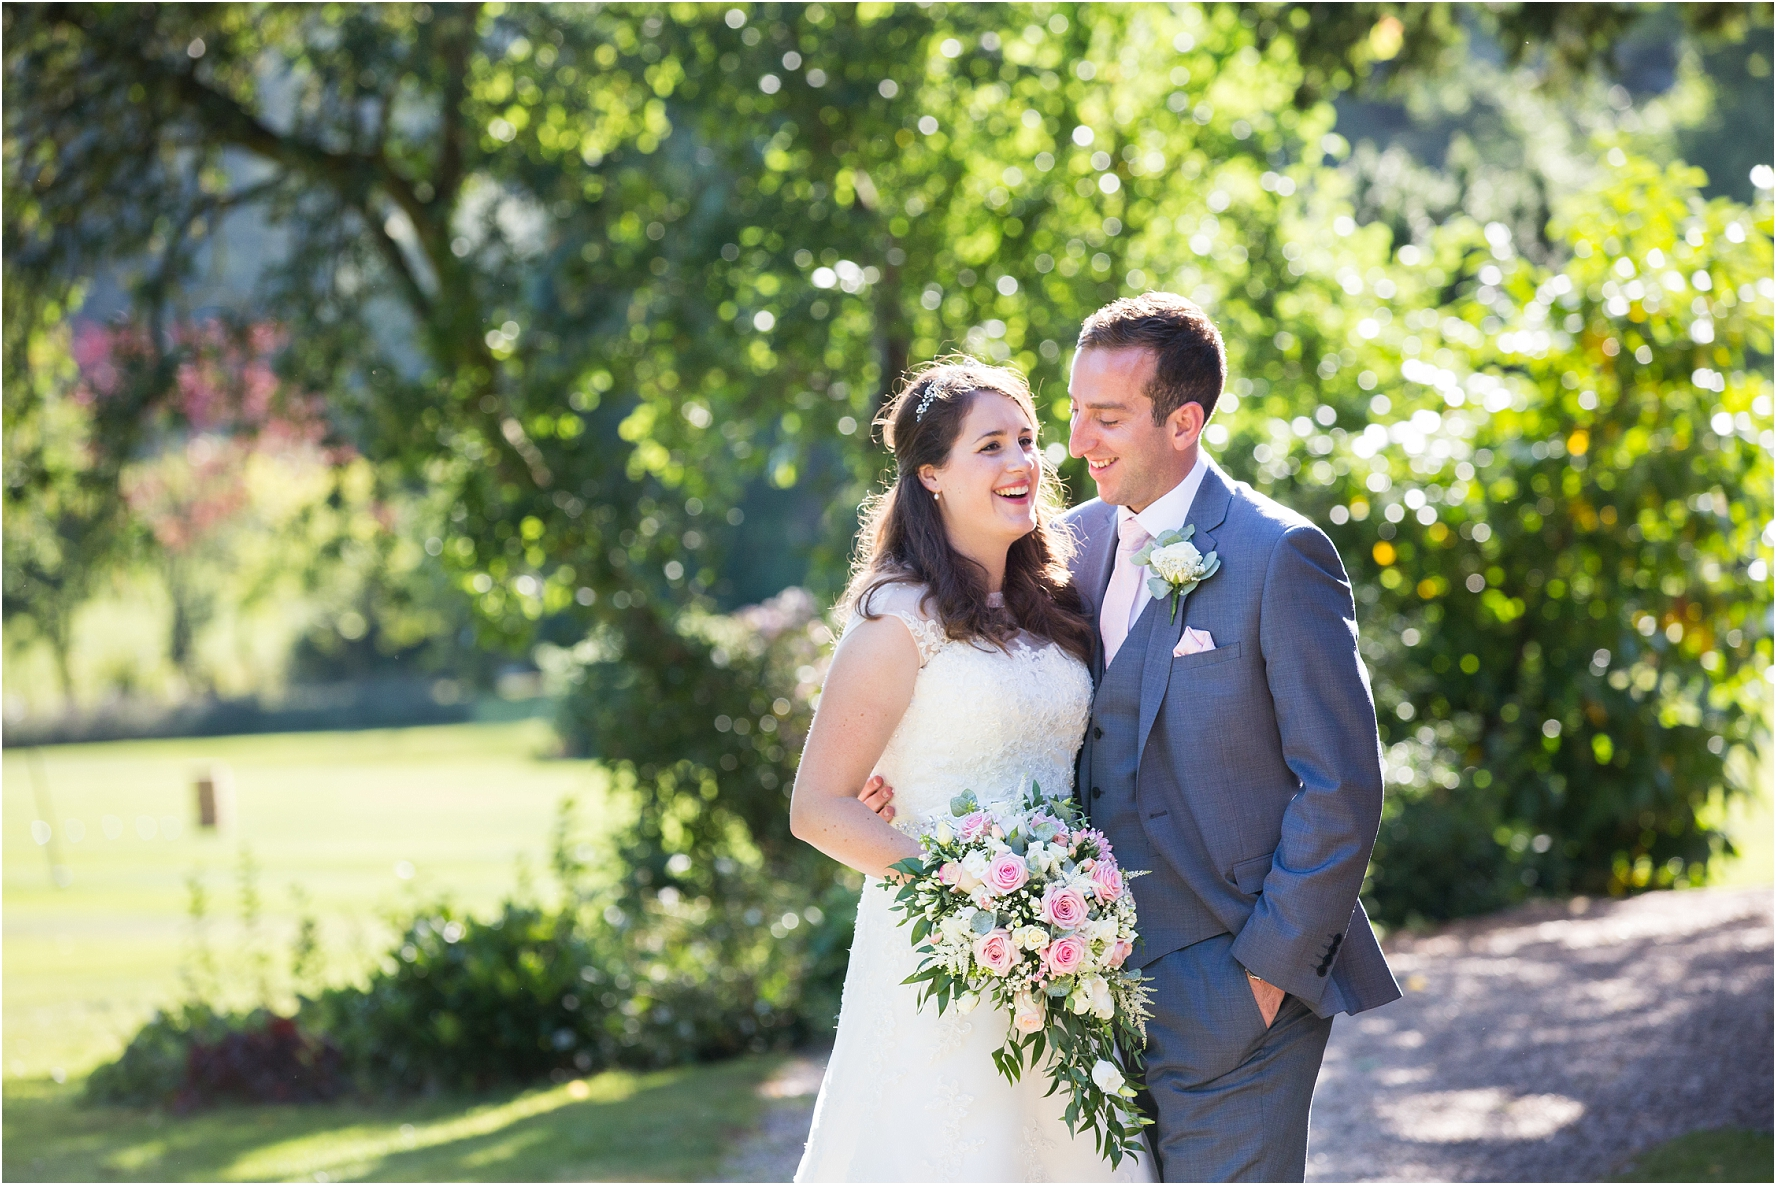 wedding-photography-norwood-park_0048